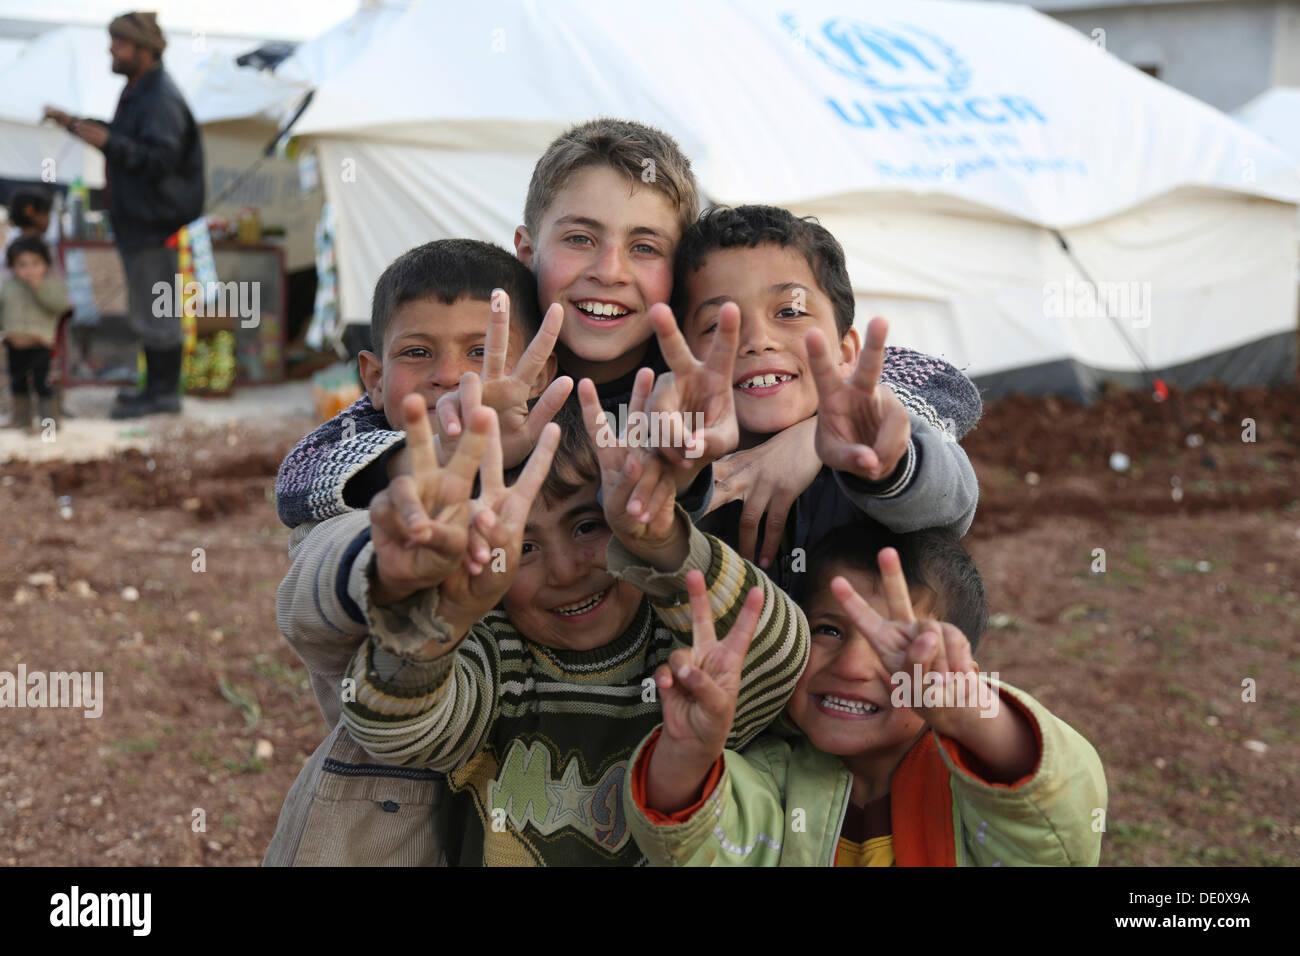 Les enfants dans un camp de réfugiés syriens de la guerre civile, près de la frontière turque Photo Stock